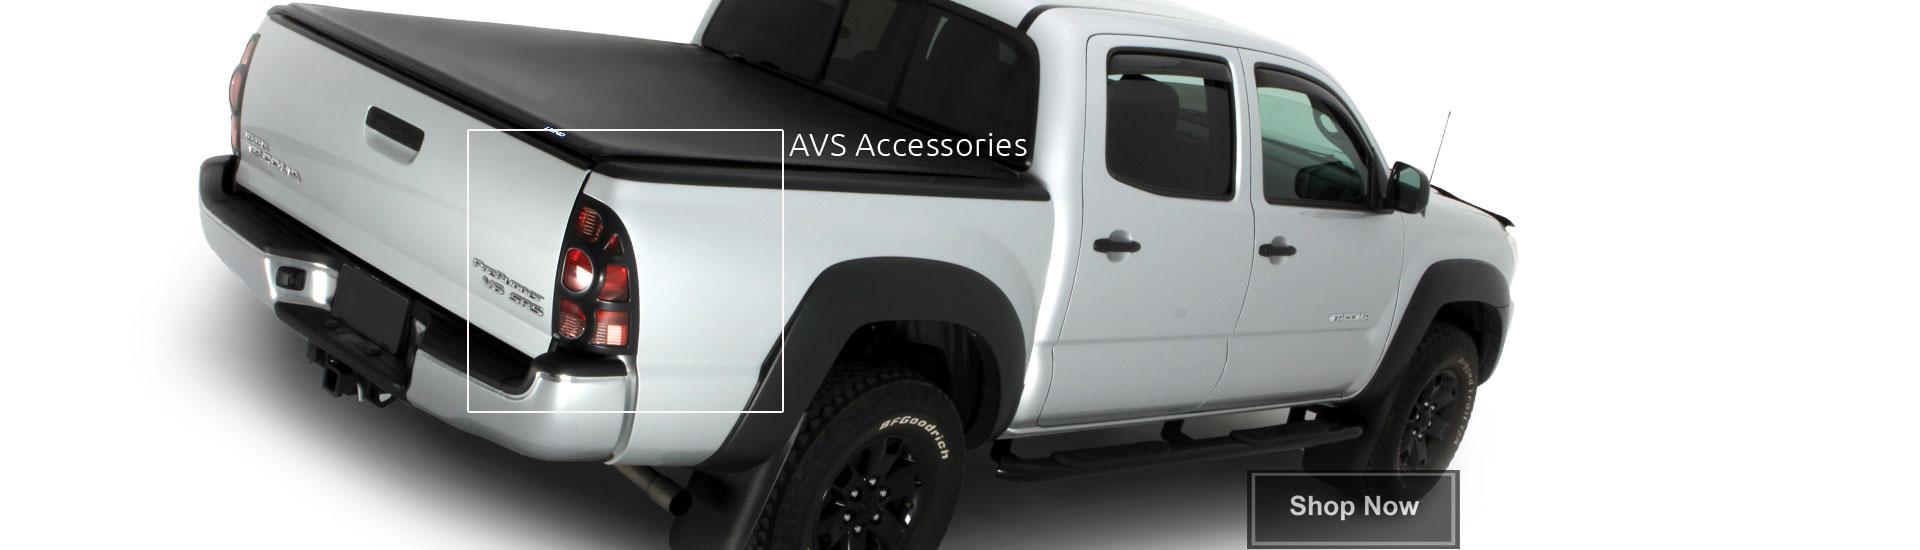 AVS Auto Accessories